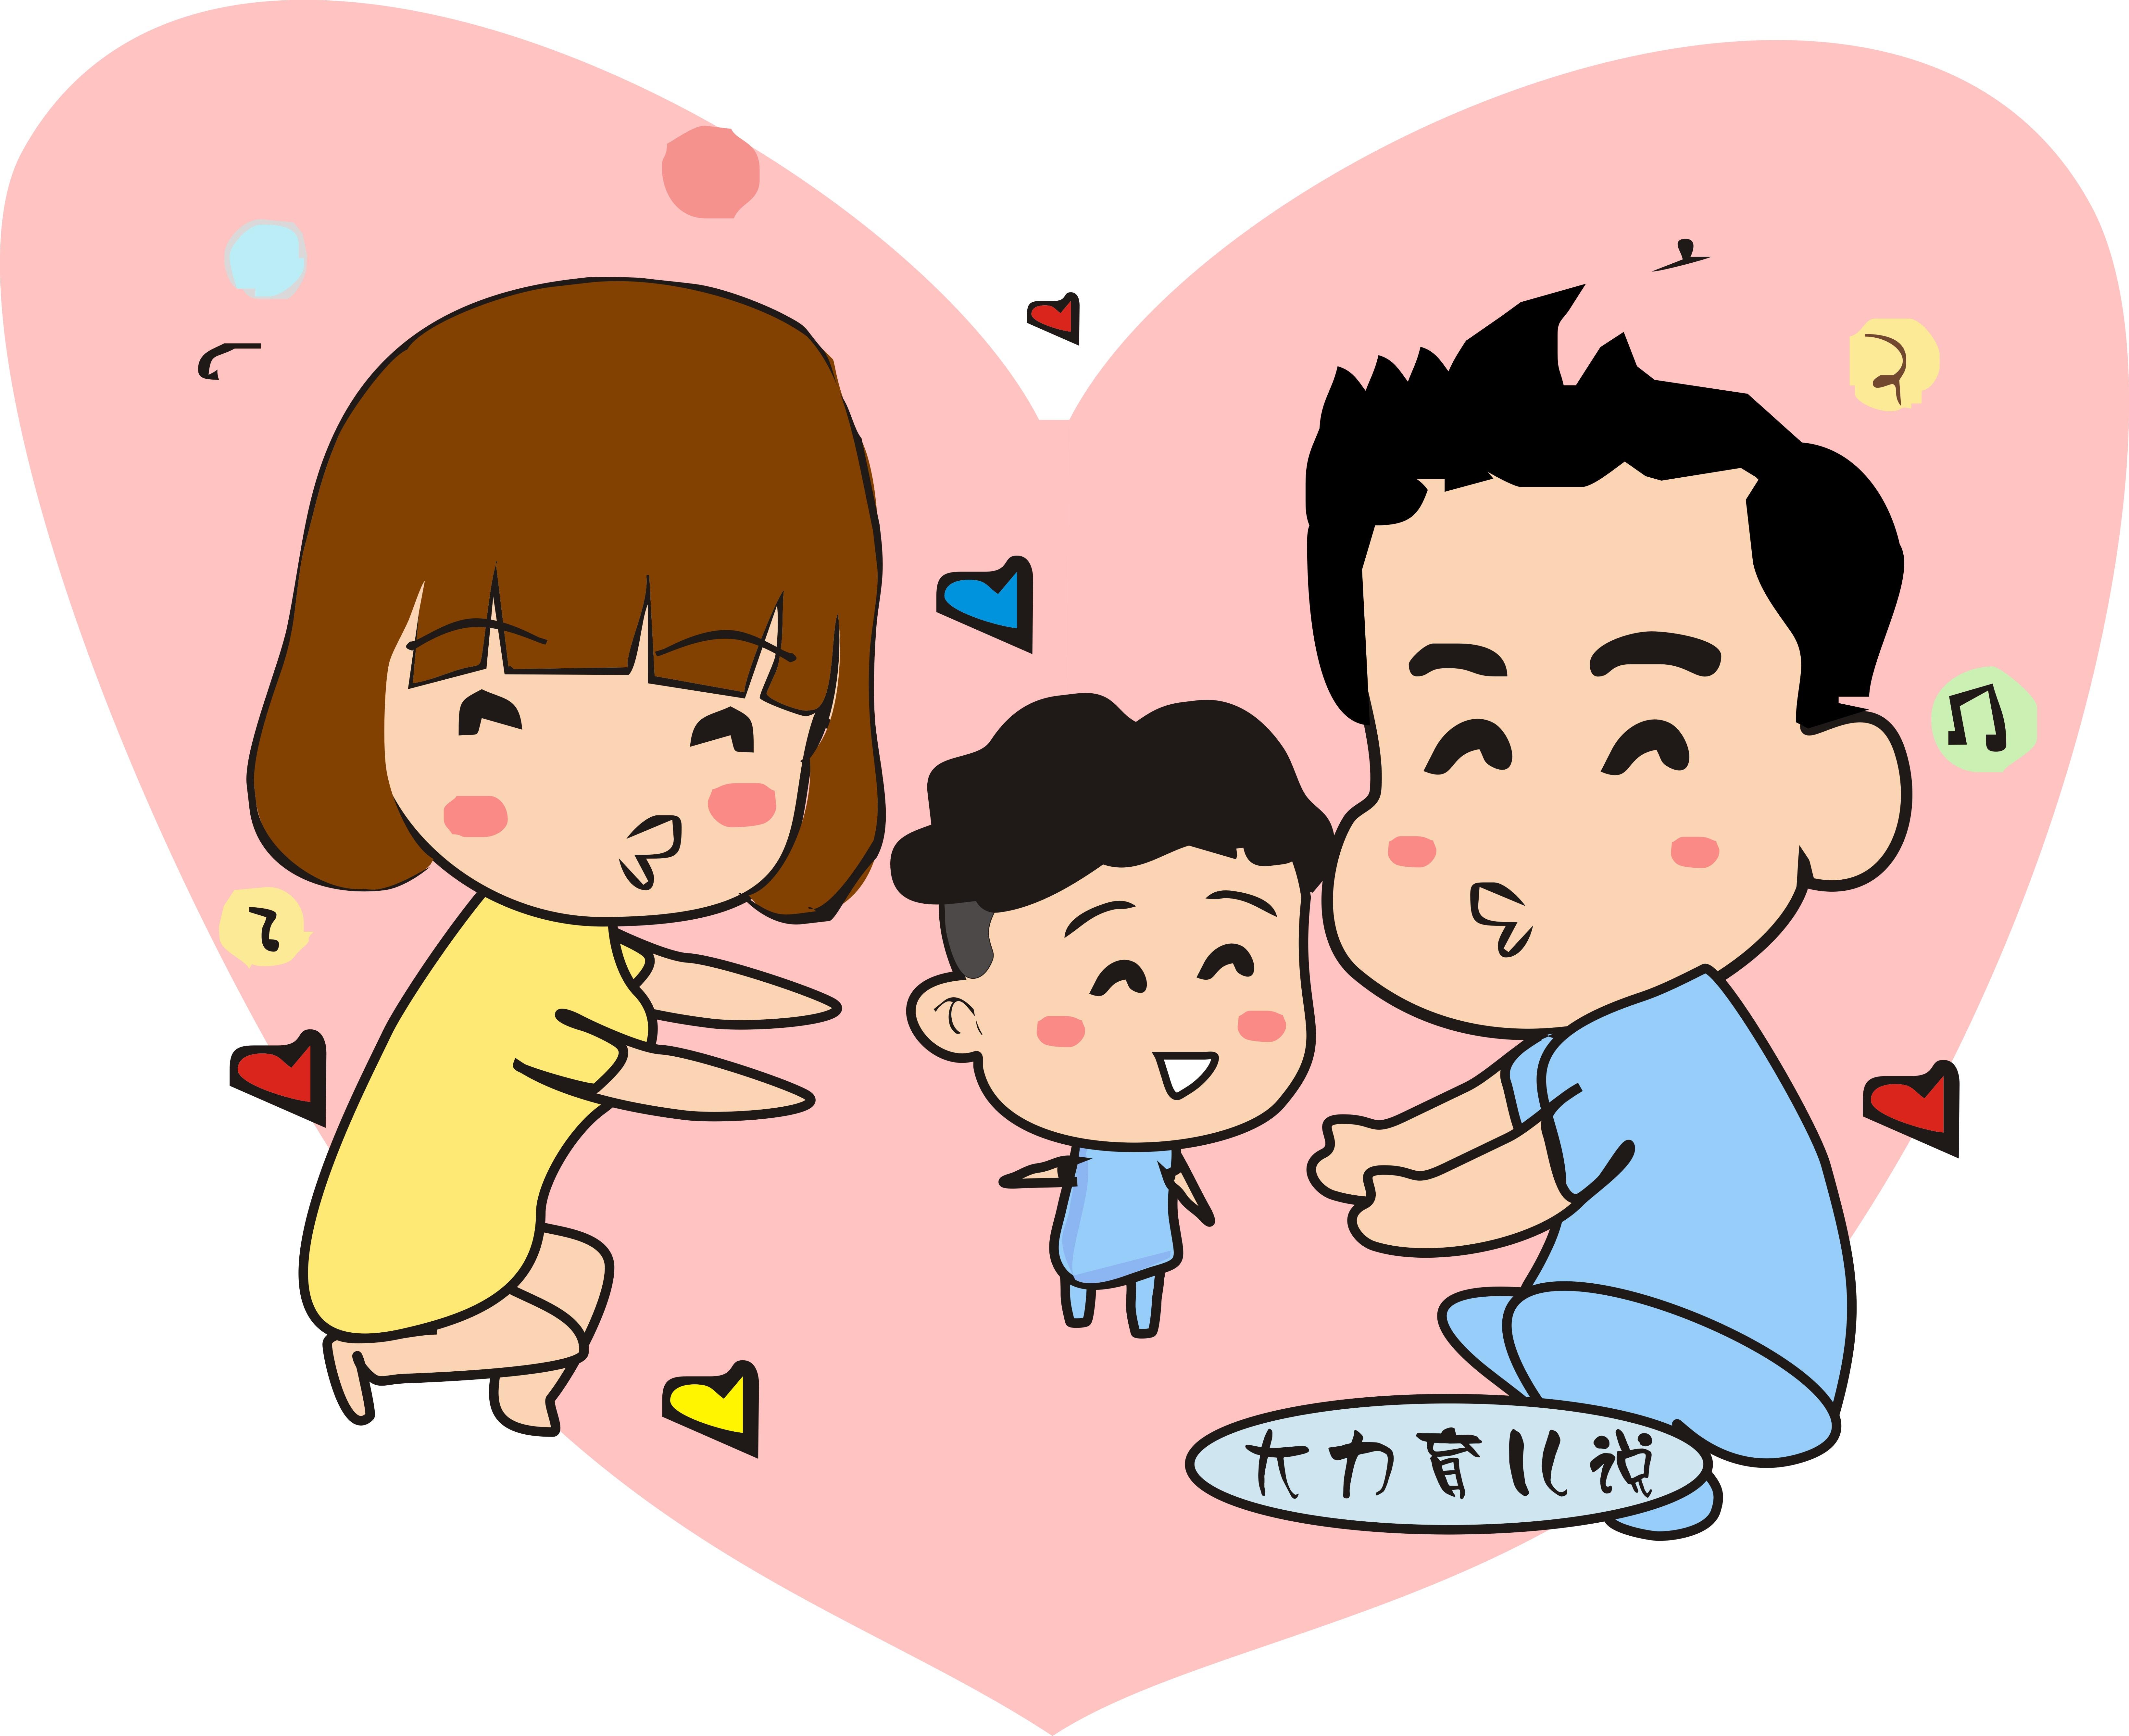 有种幸福叫婆婆不带娃,说出多少宝妈的心声